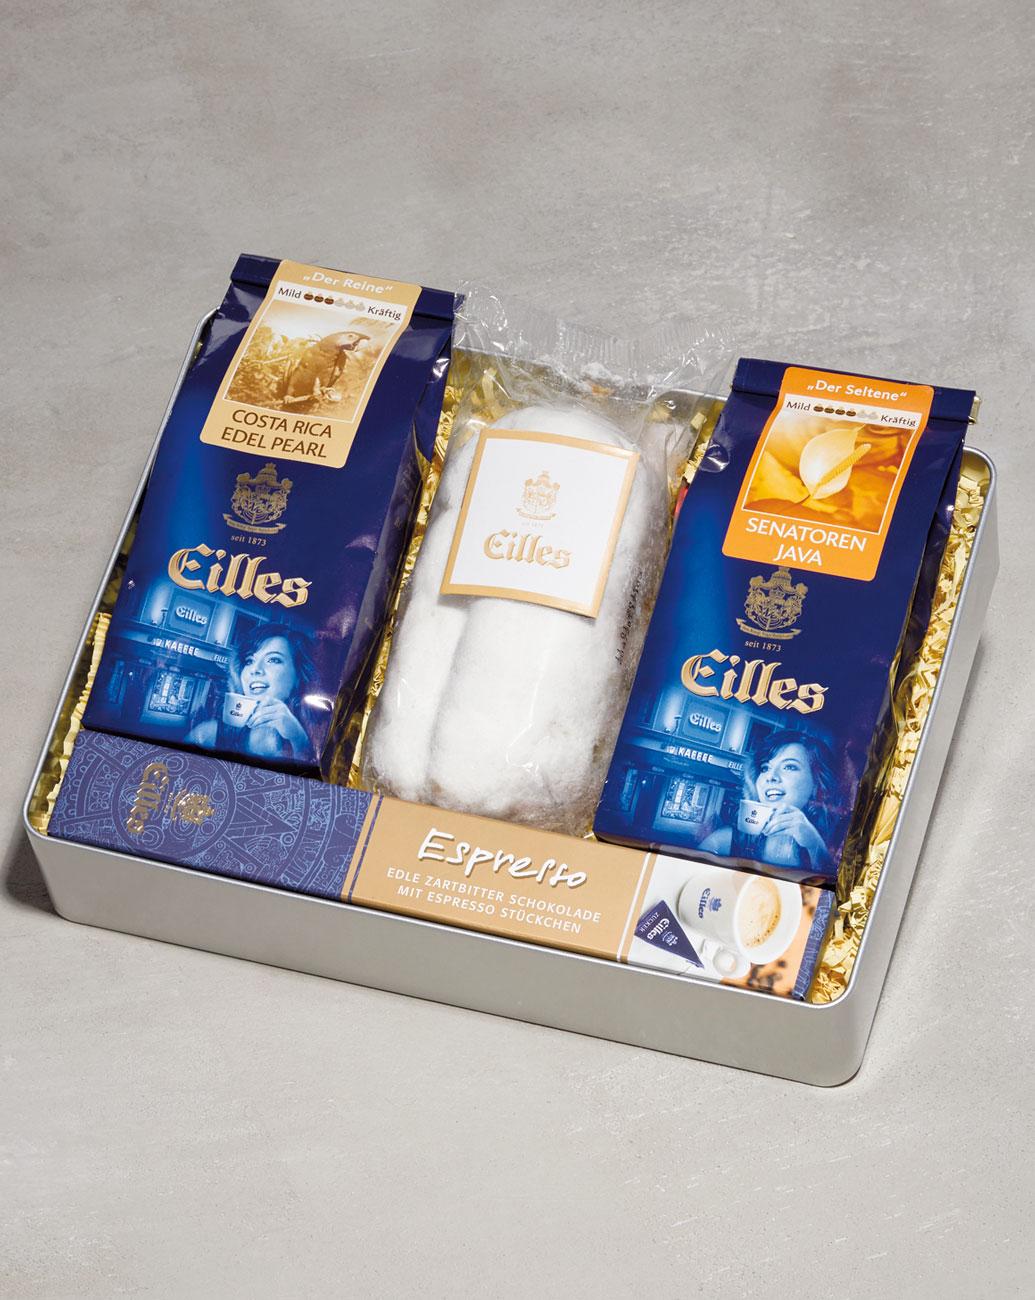 kaffee-prasent-weihnachtsbackerei